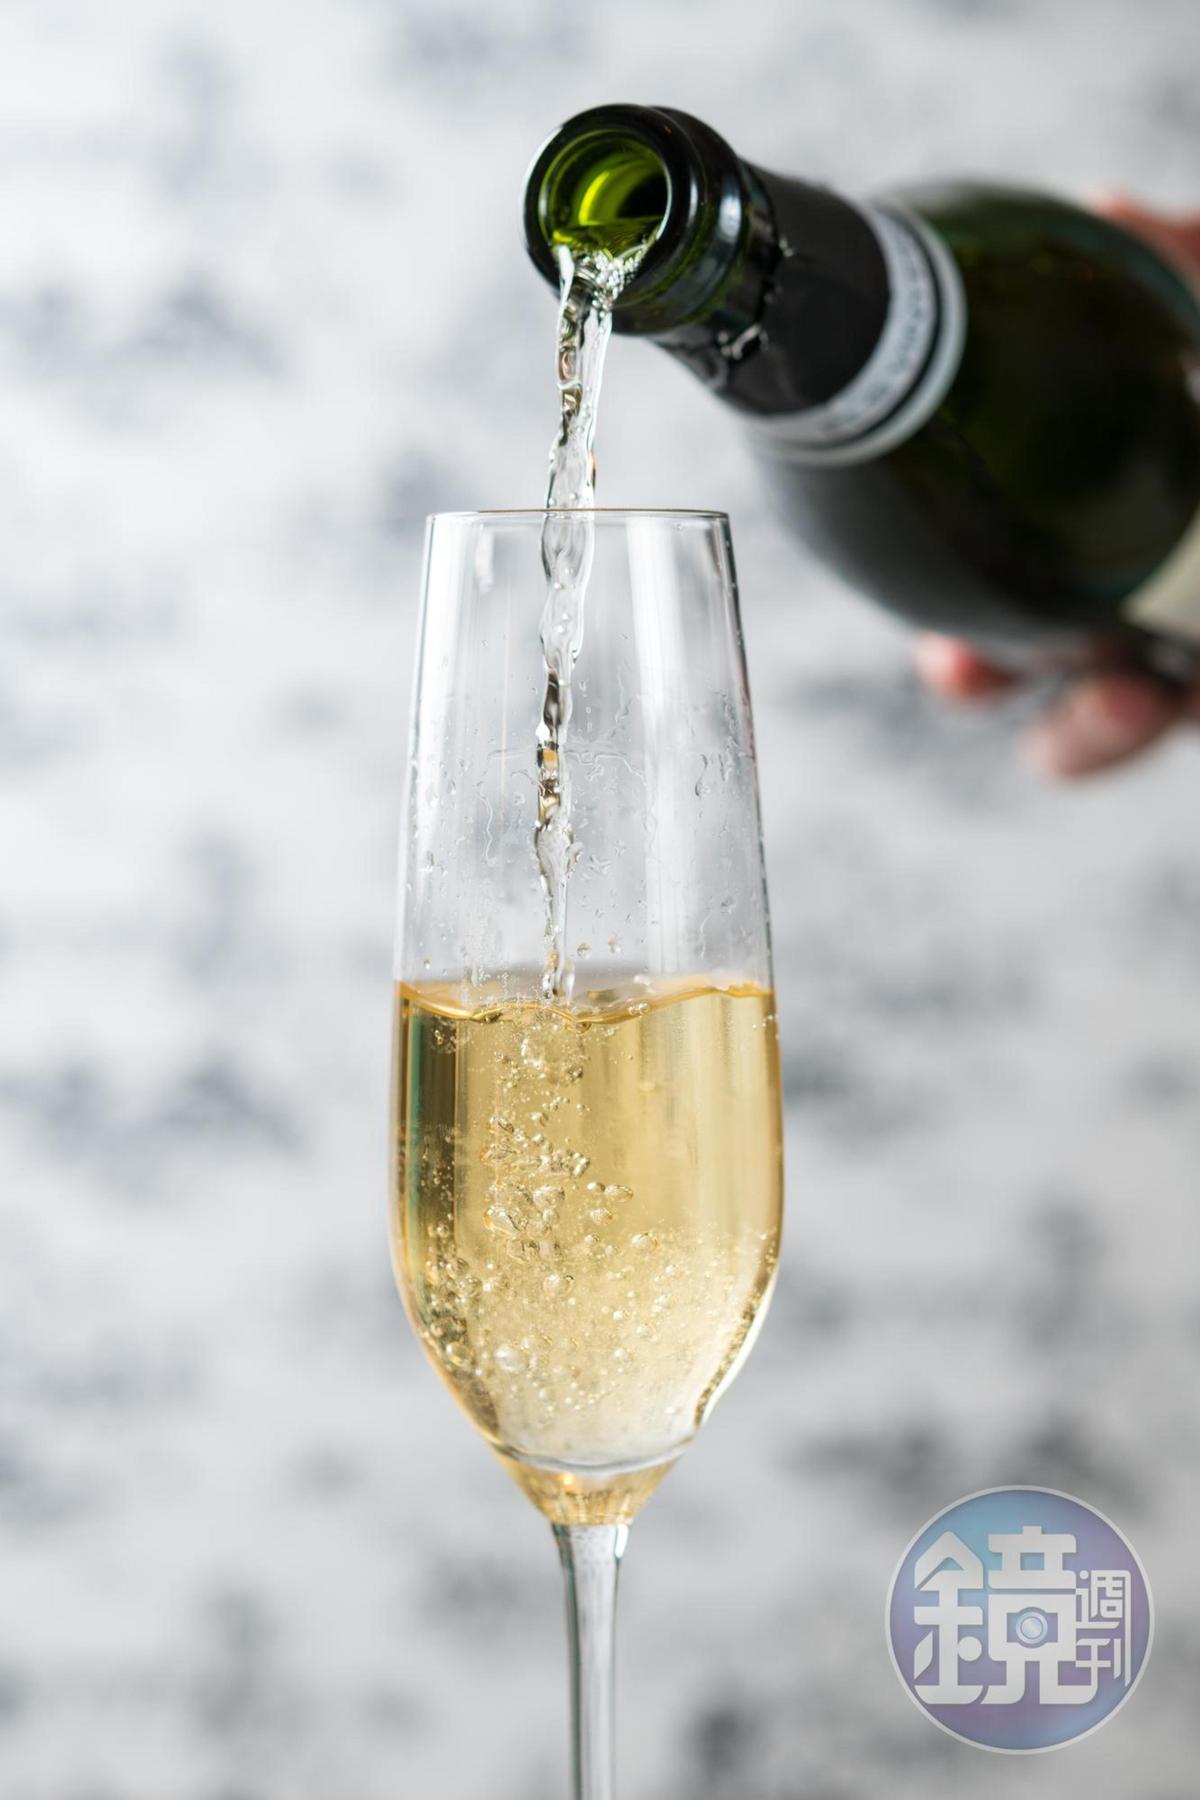 葉昌勳(Sean)加碼推薦氣泡酒「Ferrari, Maximum Demi Sec」微甜,帶麵包香氣,也能駕馭精美的法式甜點 。(Bencotto,2,600元/瓶)